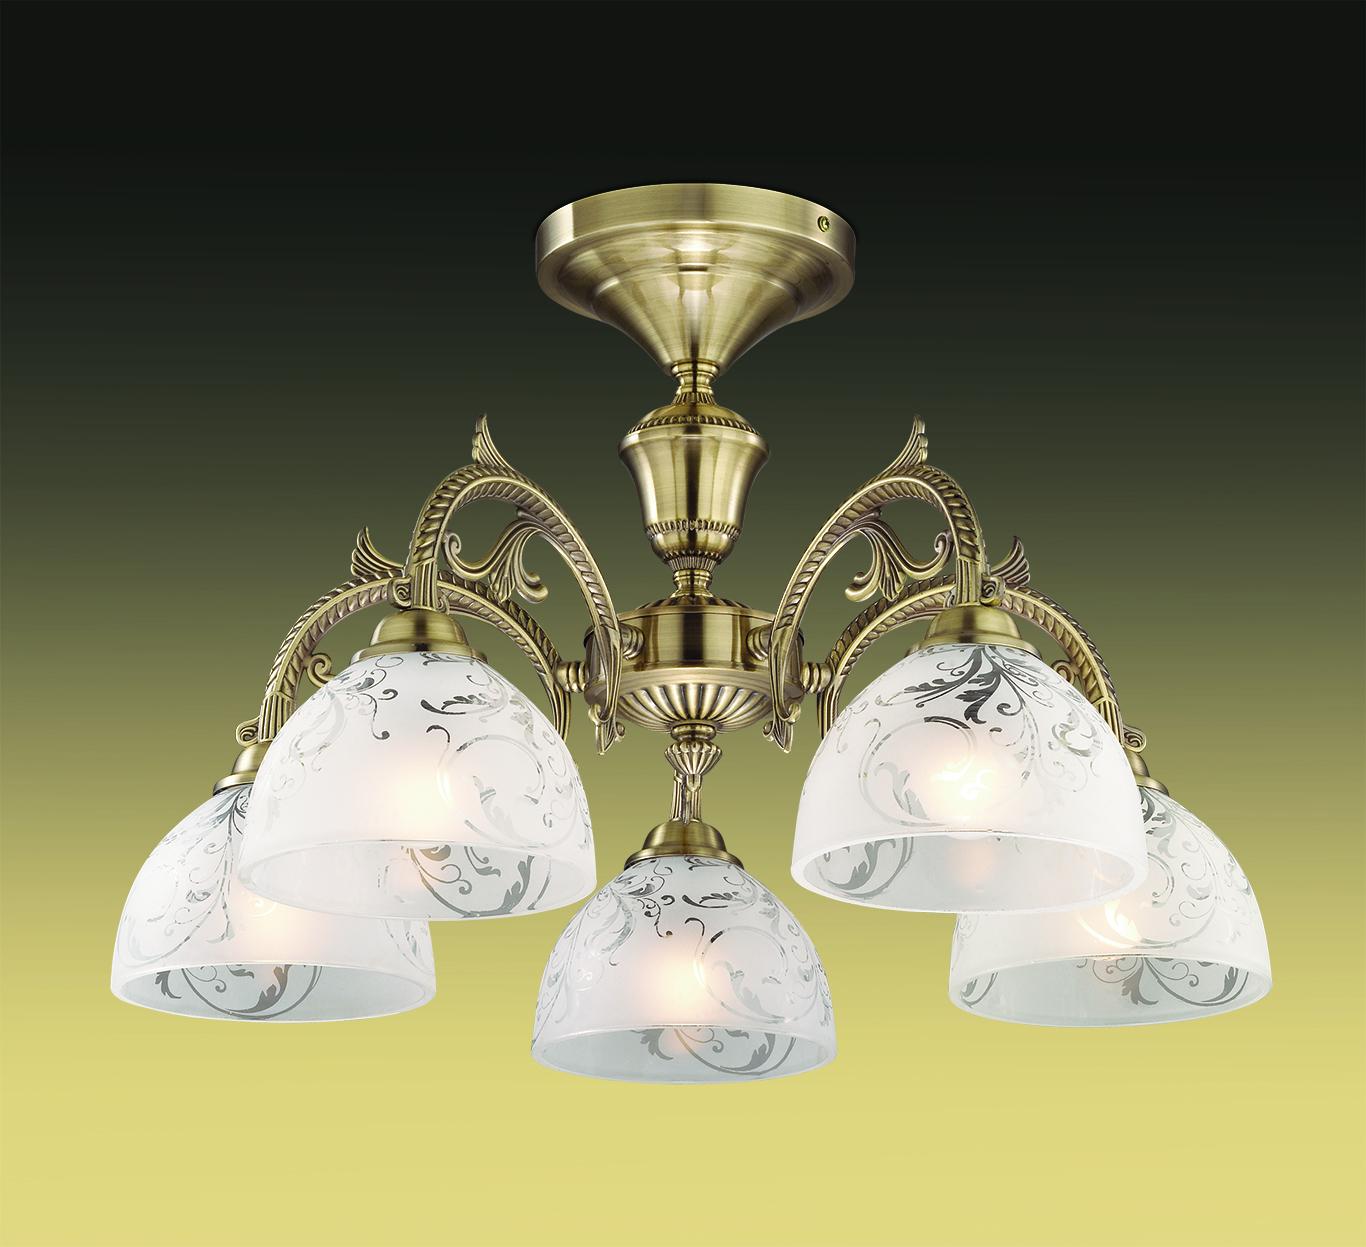 Потолочная люстра Odeon Light Casti 2542/5C, 5xE27x40W, бронза, дымчатый, прозрачный, металл, стекло - фото 1